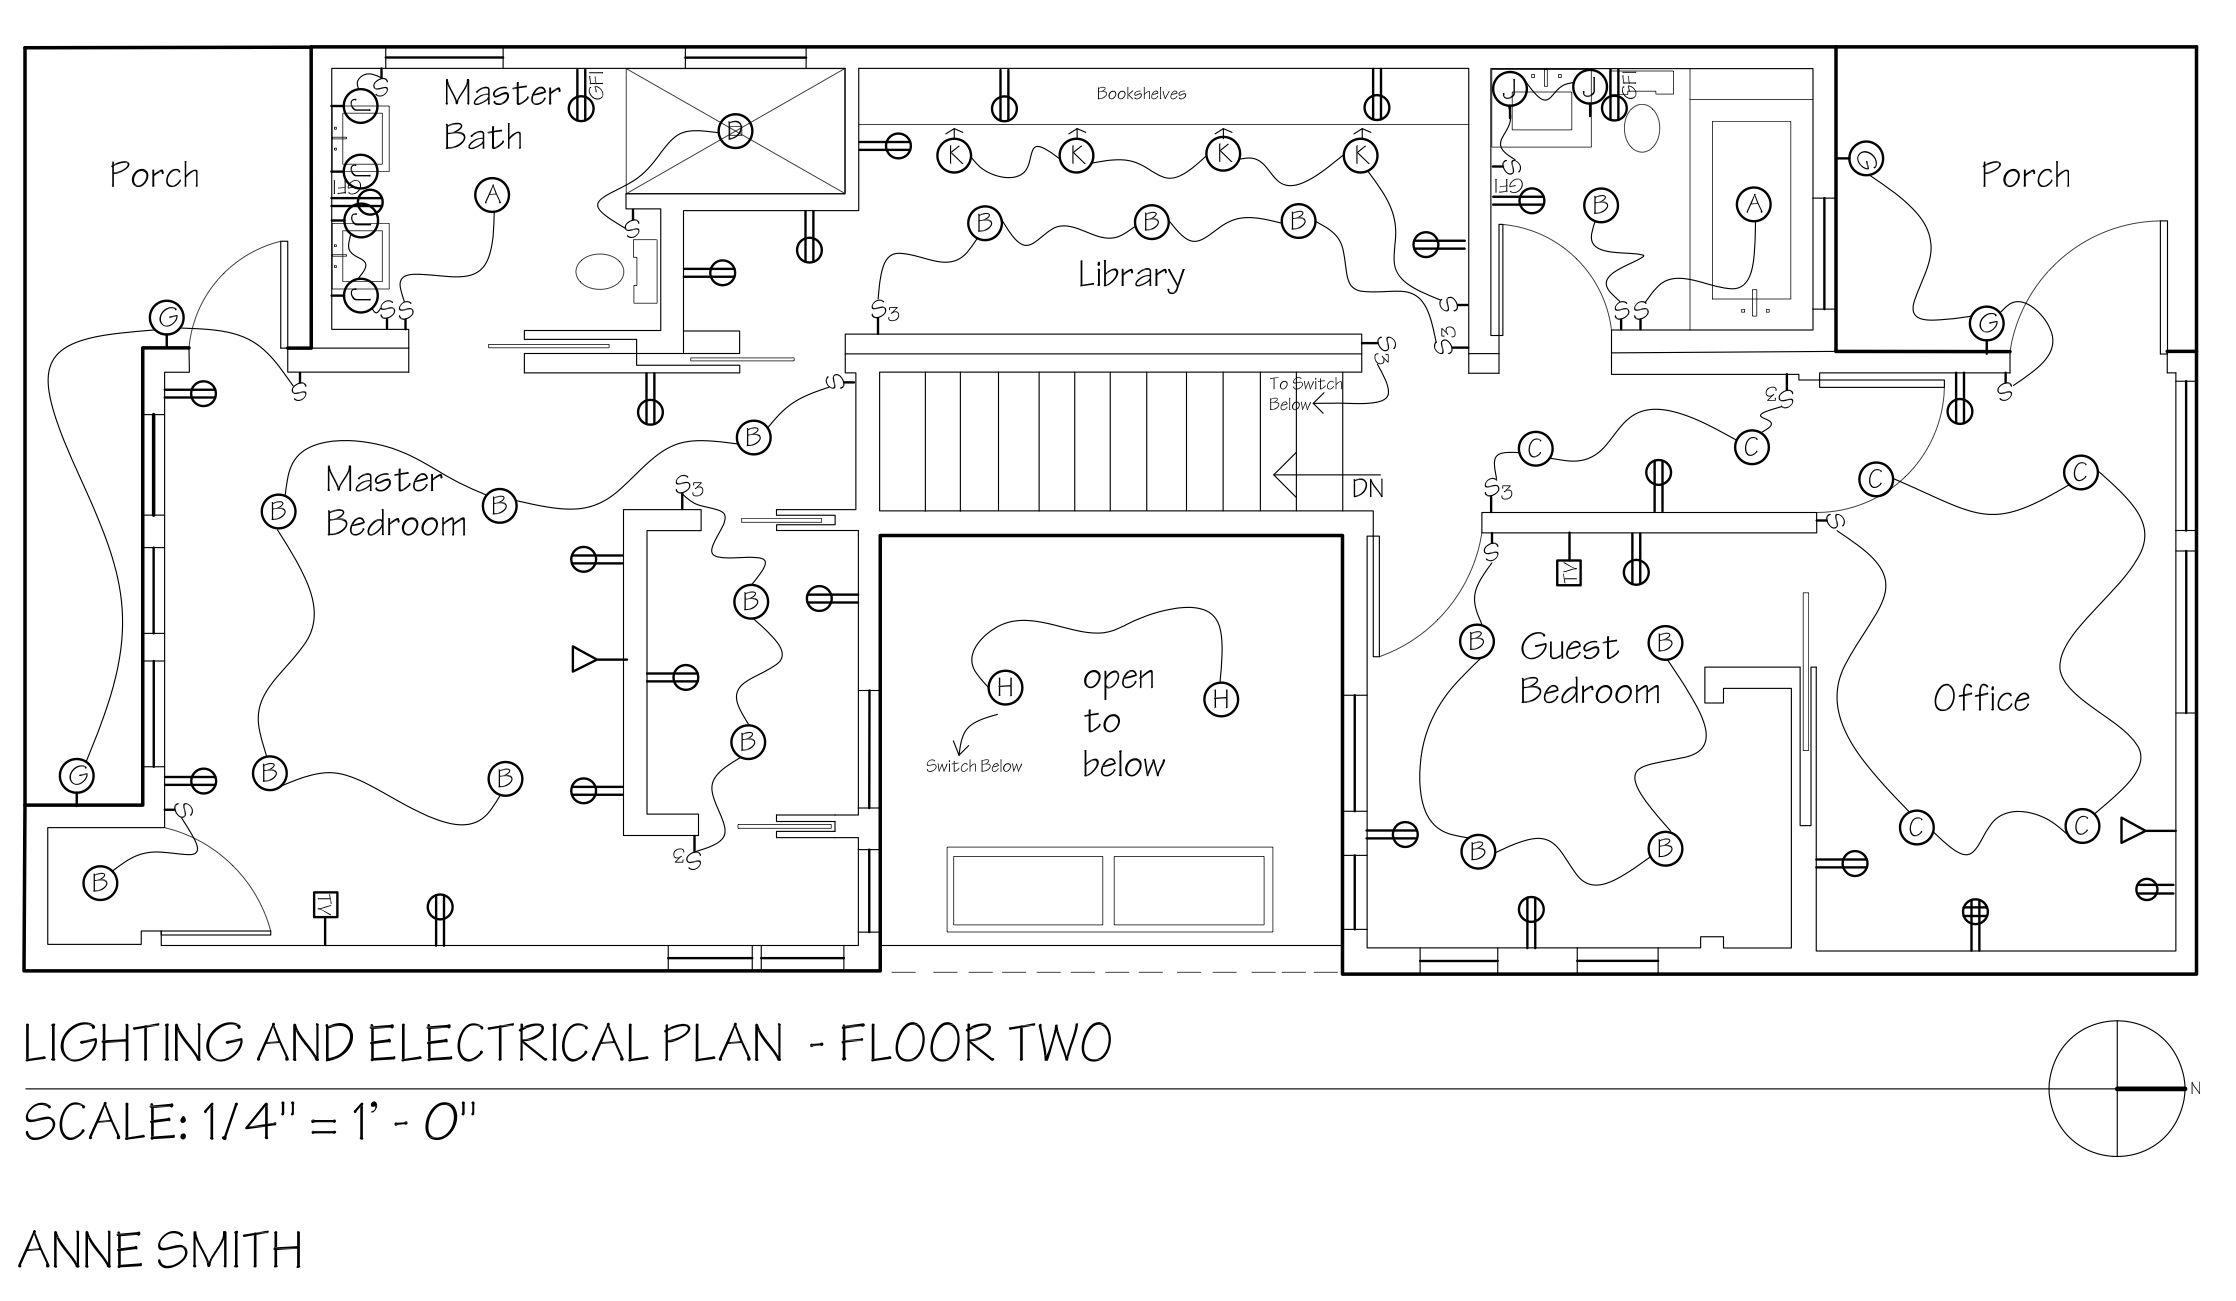 medium resolution of image result for bedroom lighting floor plan